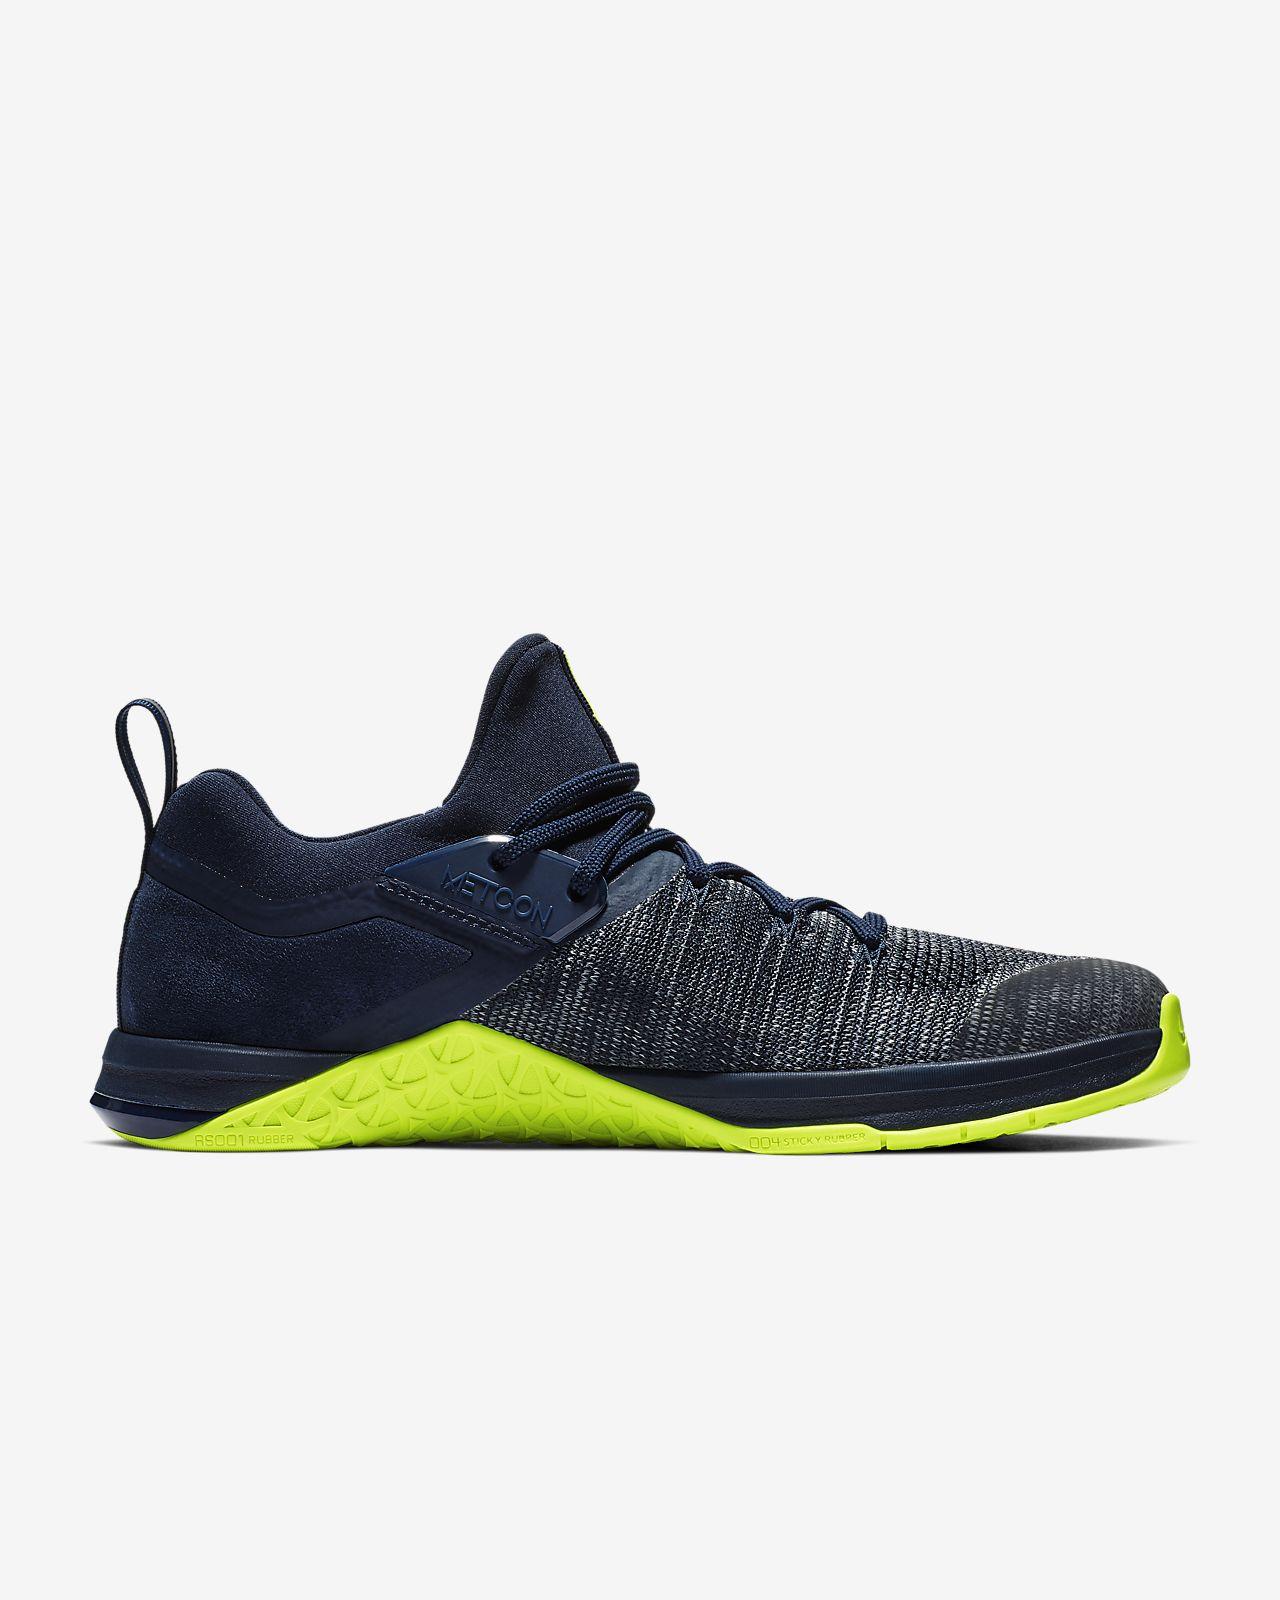 És 3 Metcon Flyknit Súlyemelő Férfi Nike CipőHu Keresztedző W9EDeH2IbY